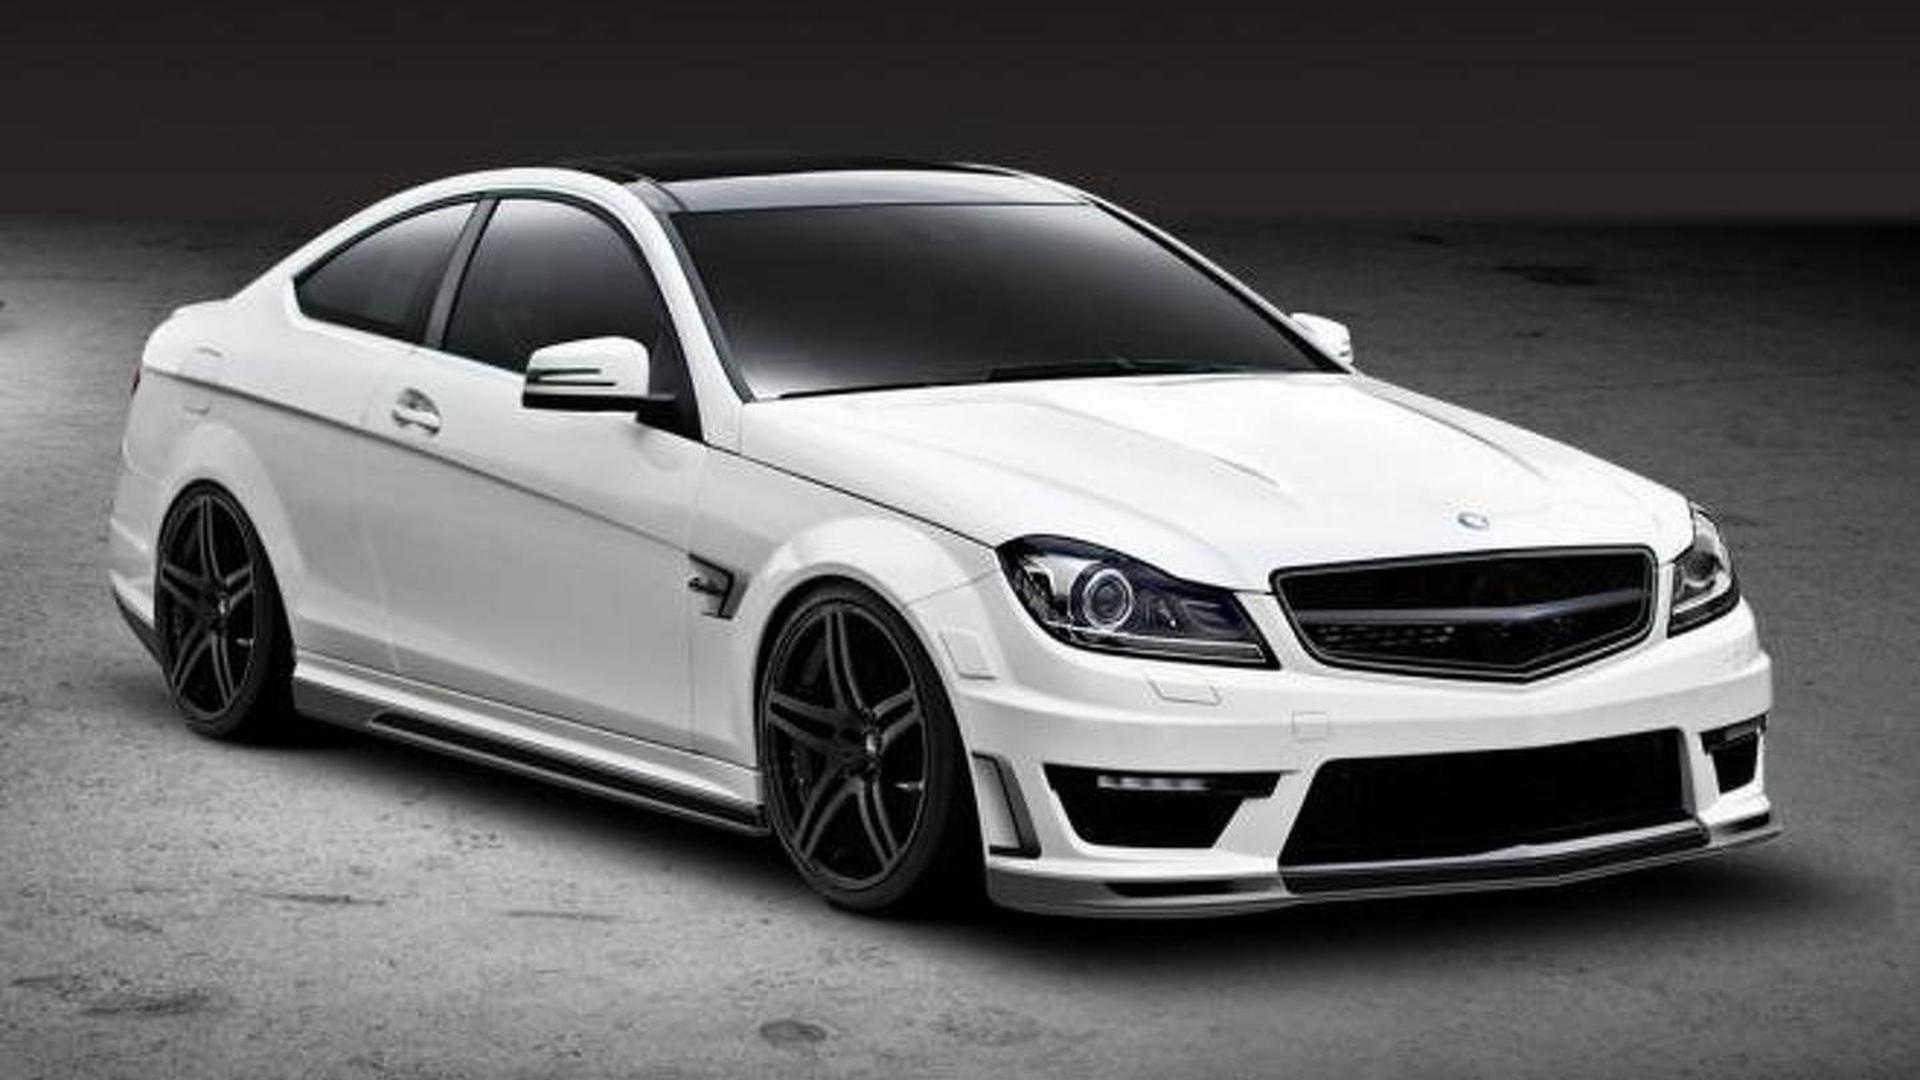 High Quality Motor1.com